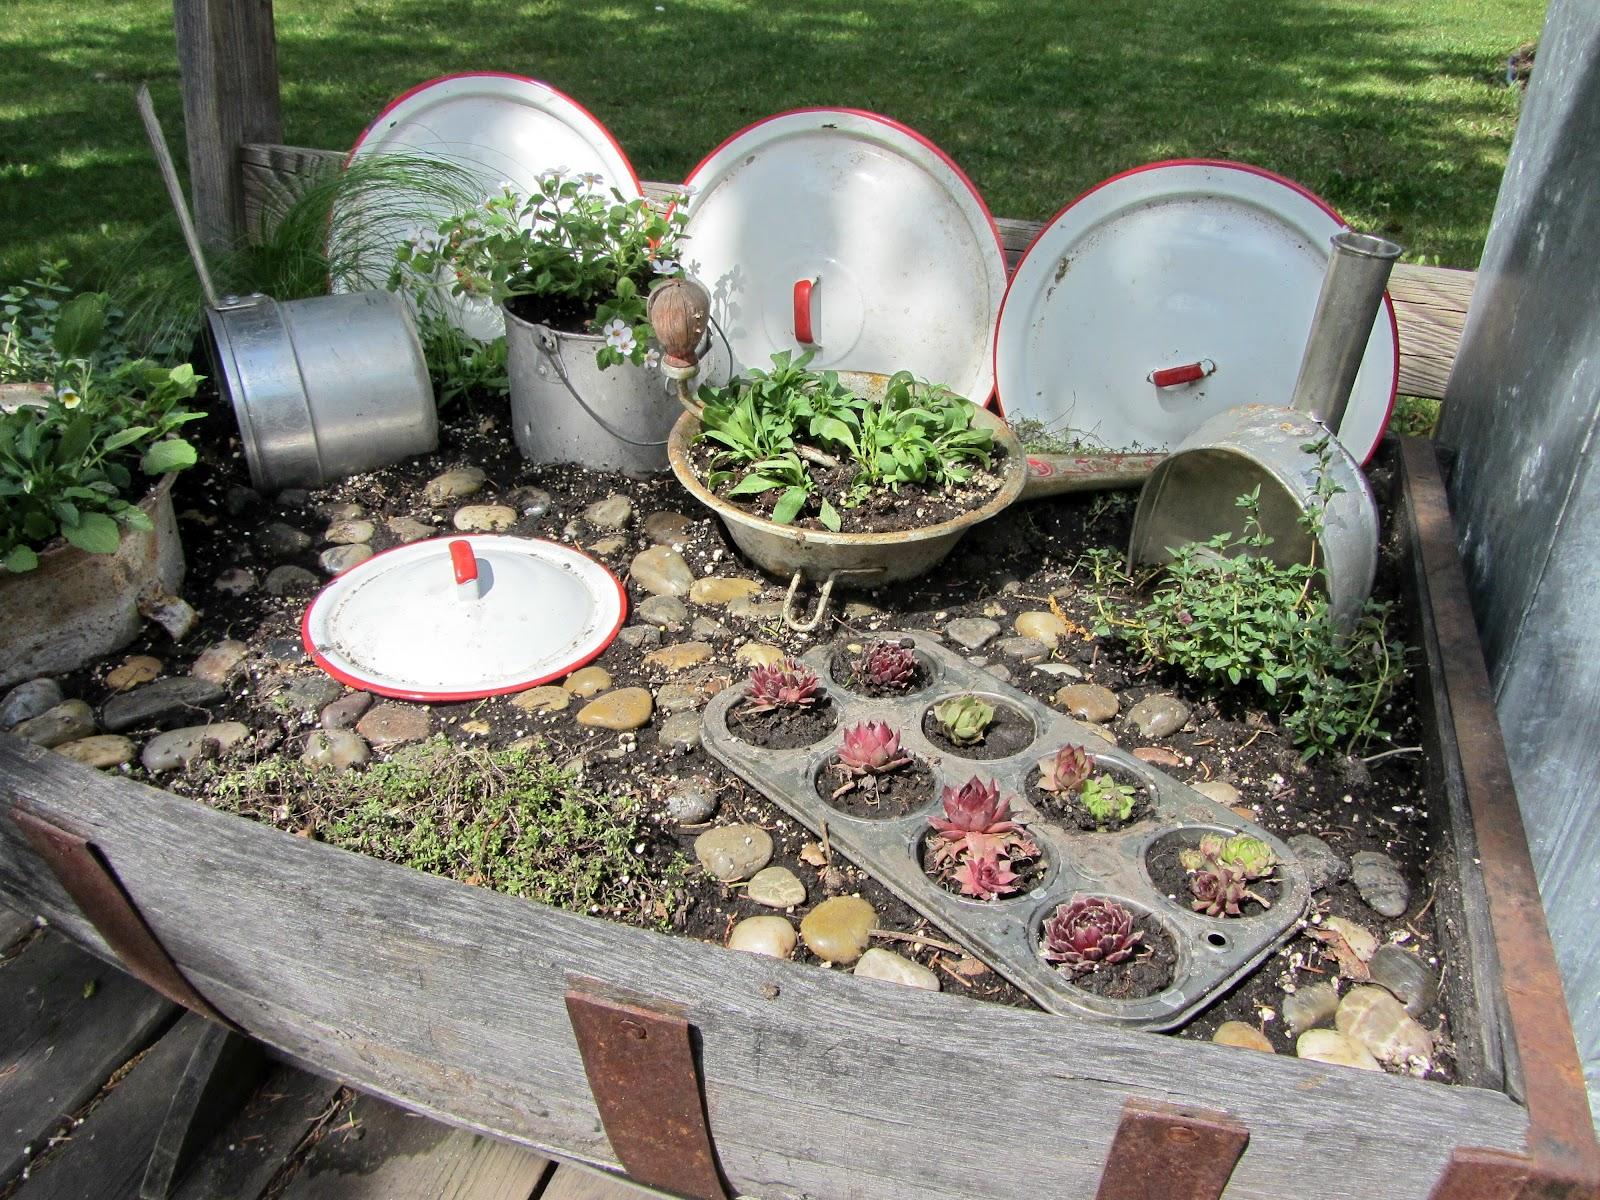 Kitchen fairy garden organized clutter for Creating a kitchen garden